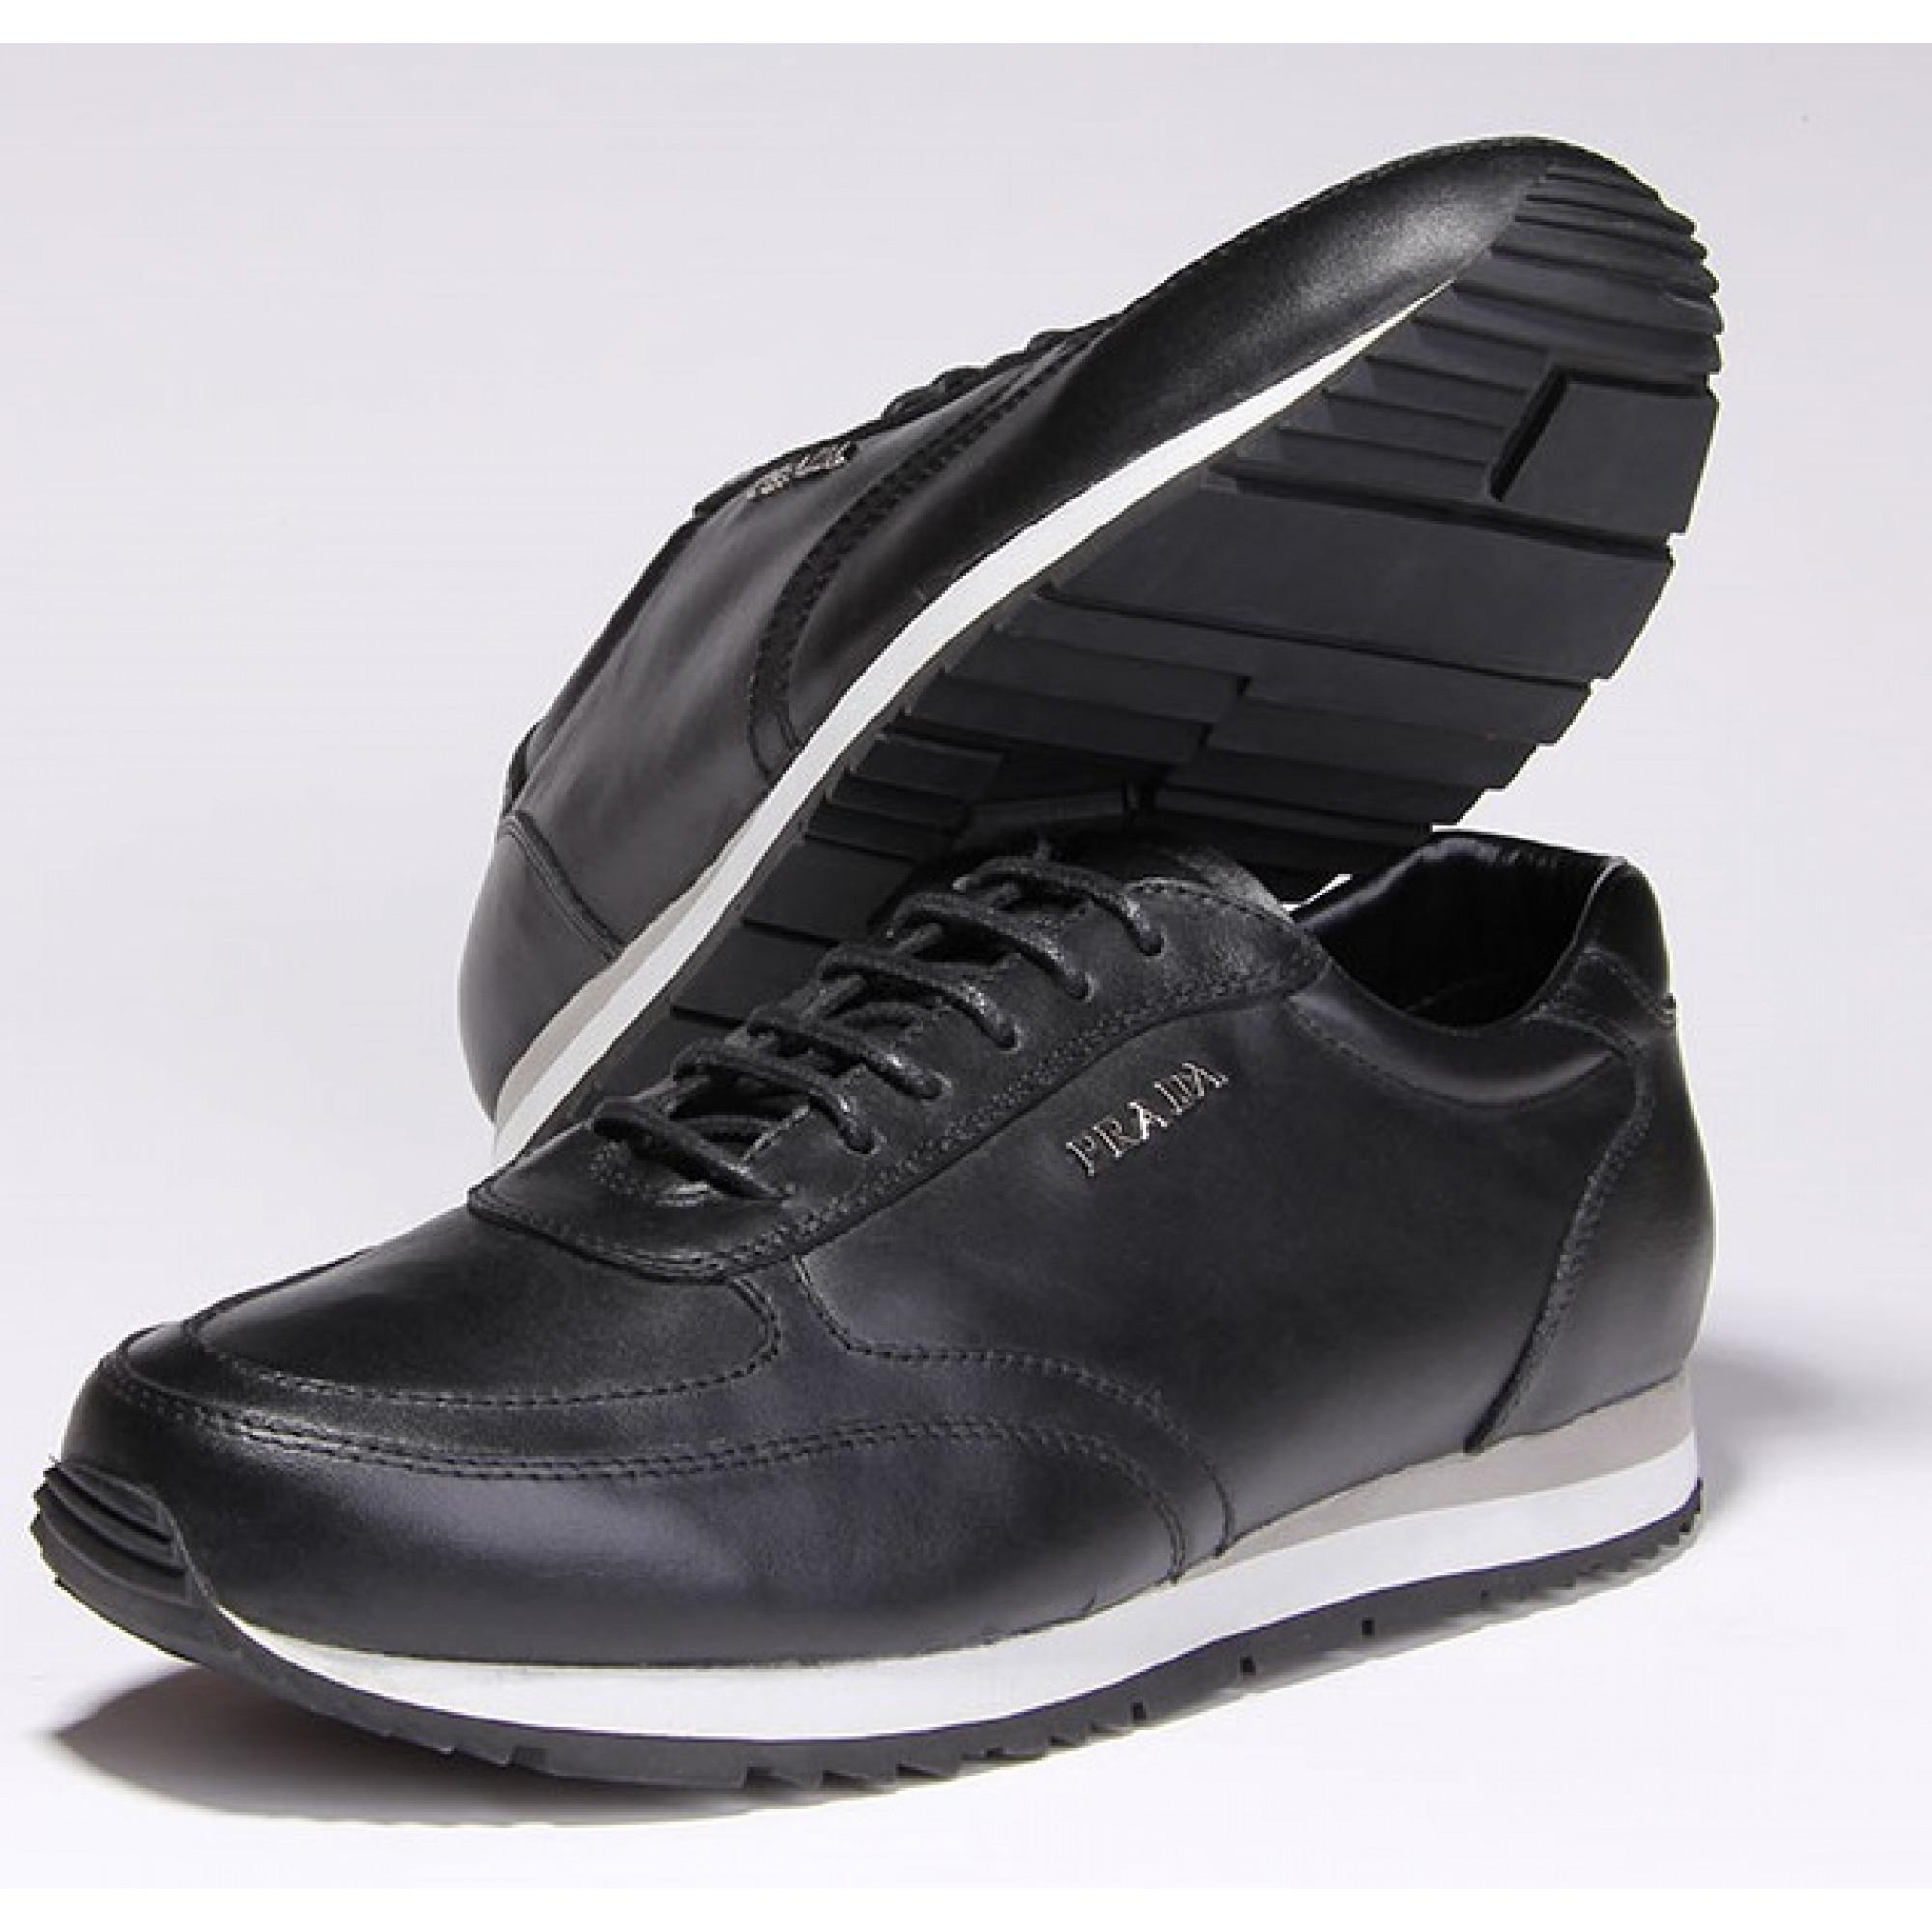 afc15e58c3b0 Купить удобные кожаные кроссовки Prada — в Киеве, код товара 15379